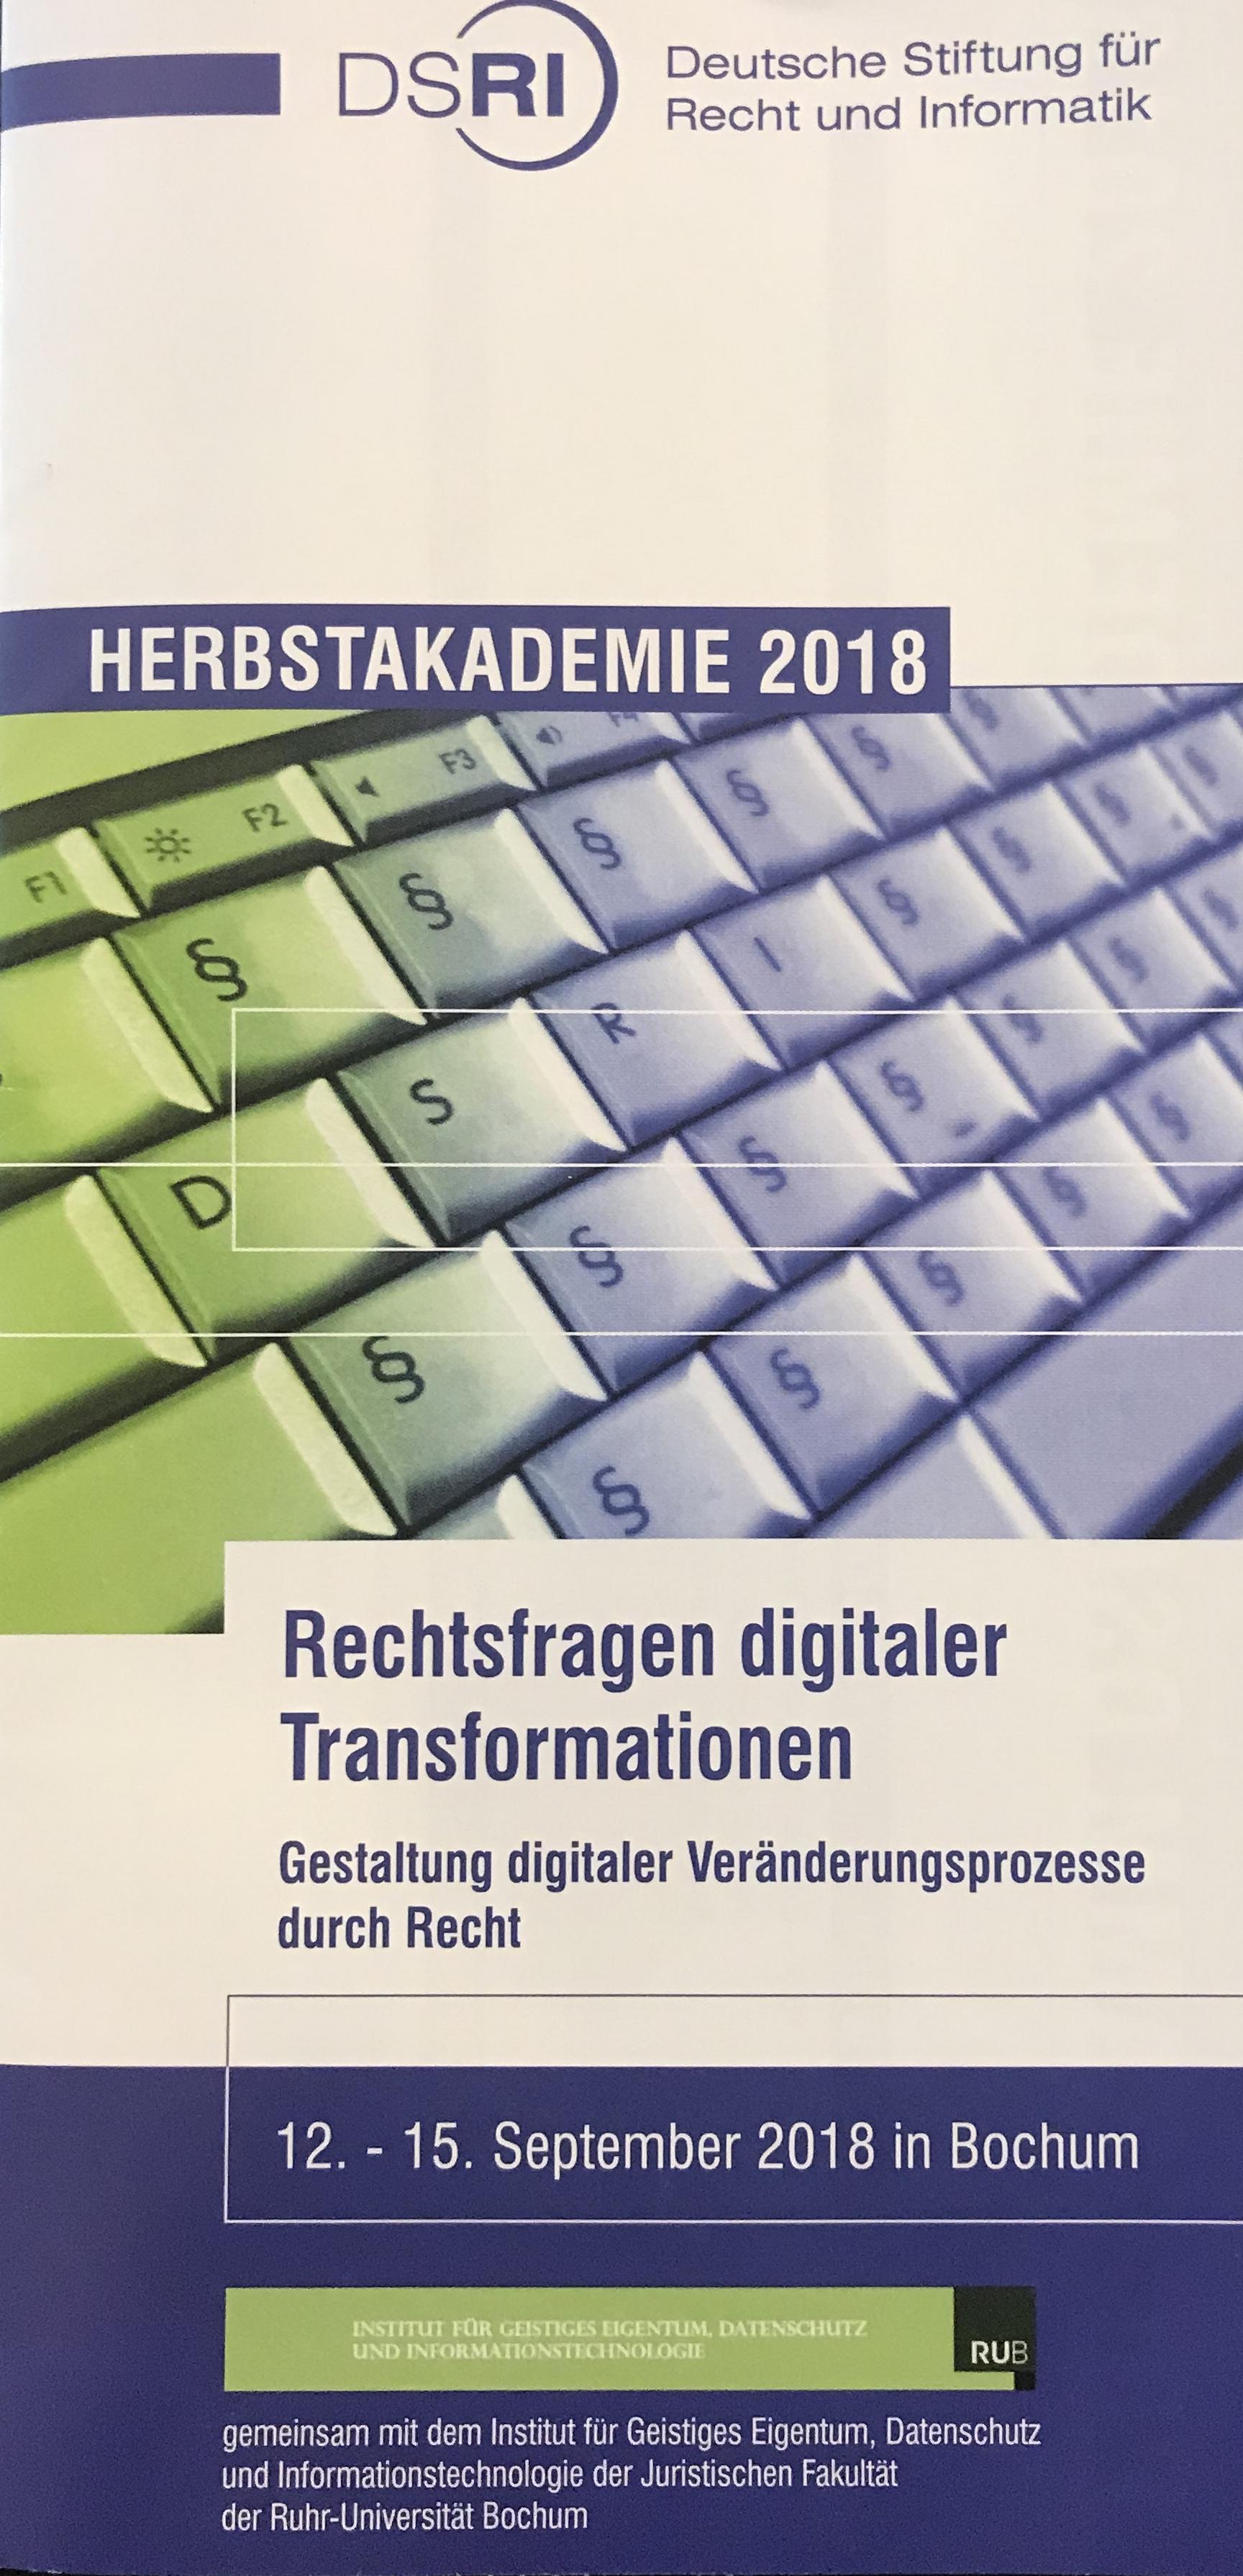 vom 13 1592019 richtet die deutsche stiftung fr recht und informatik dsri in zusammenarbeit mit dem institut fr geistiges eigentum datenschutz und - Uni Bochum Bewerbung